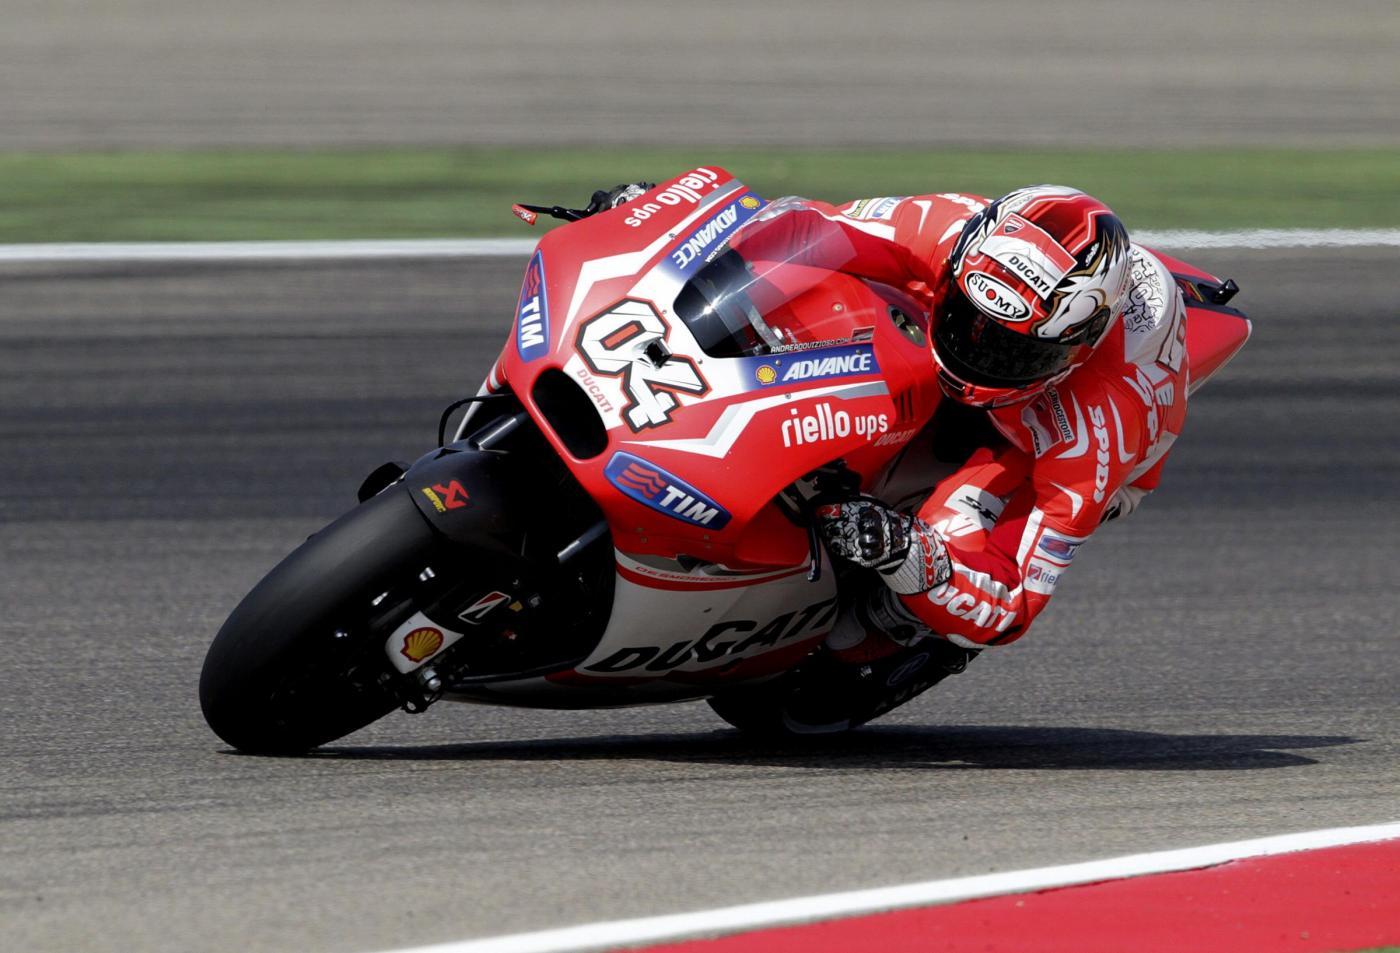 MotoGp Gp Thailandia prove libere venerdì 5 ottobre: Dovizioso il migliore, bruttissima caduta per Lorenzo. Rossi nono